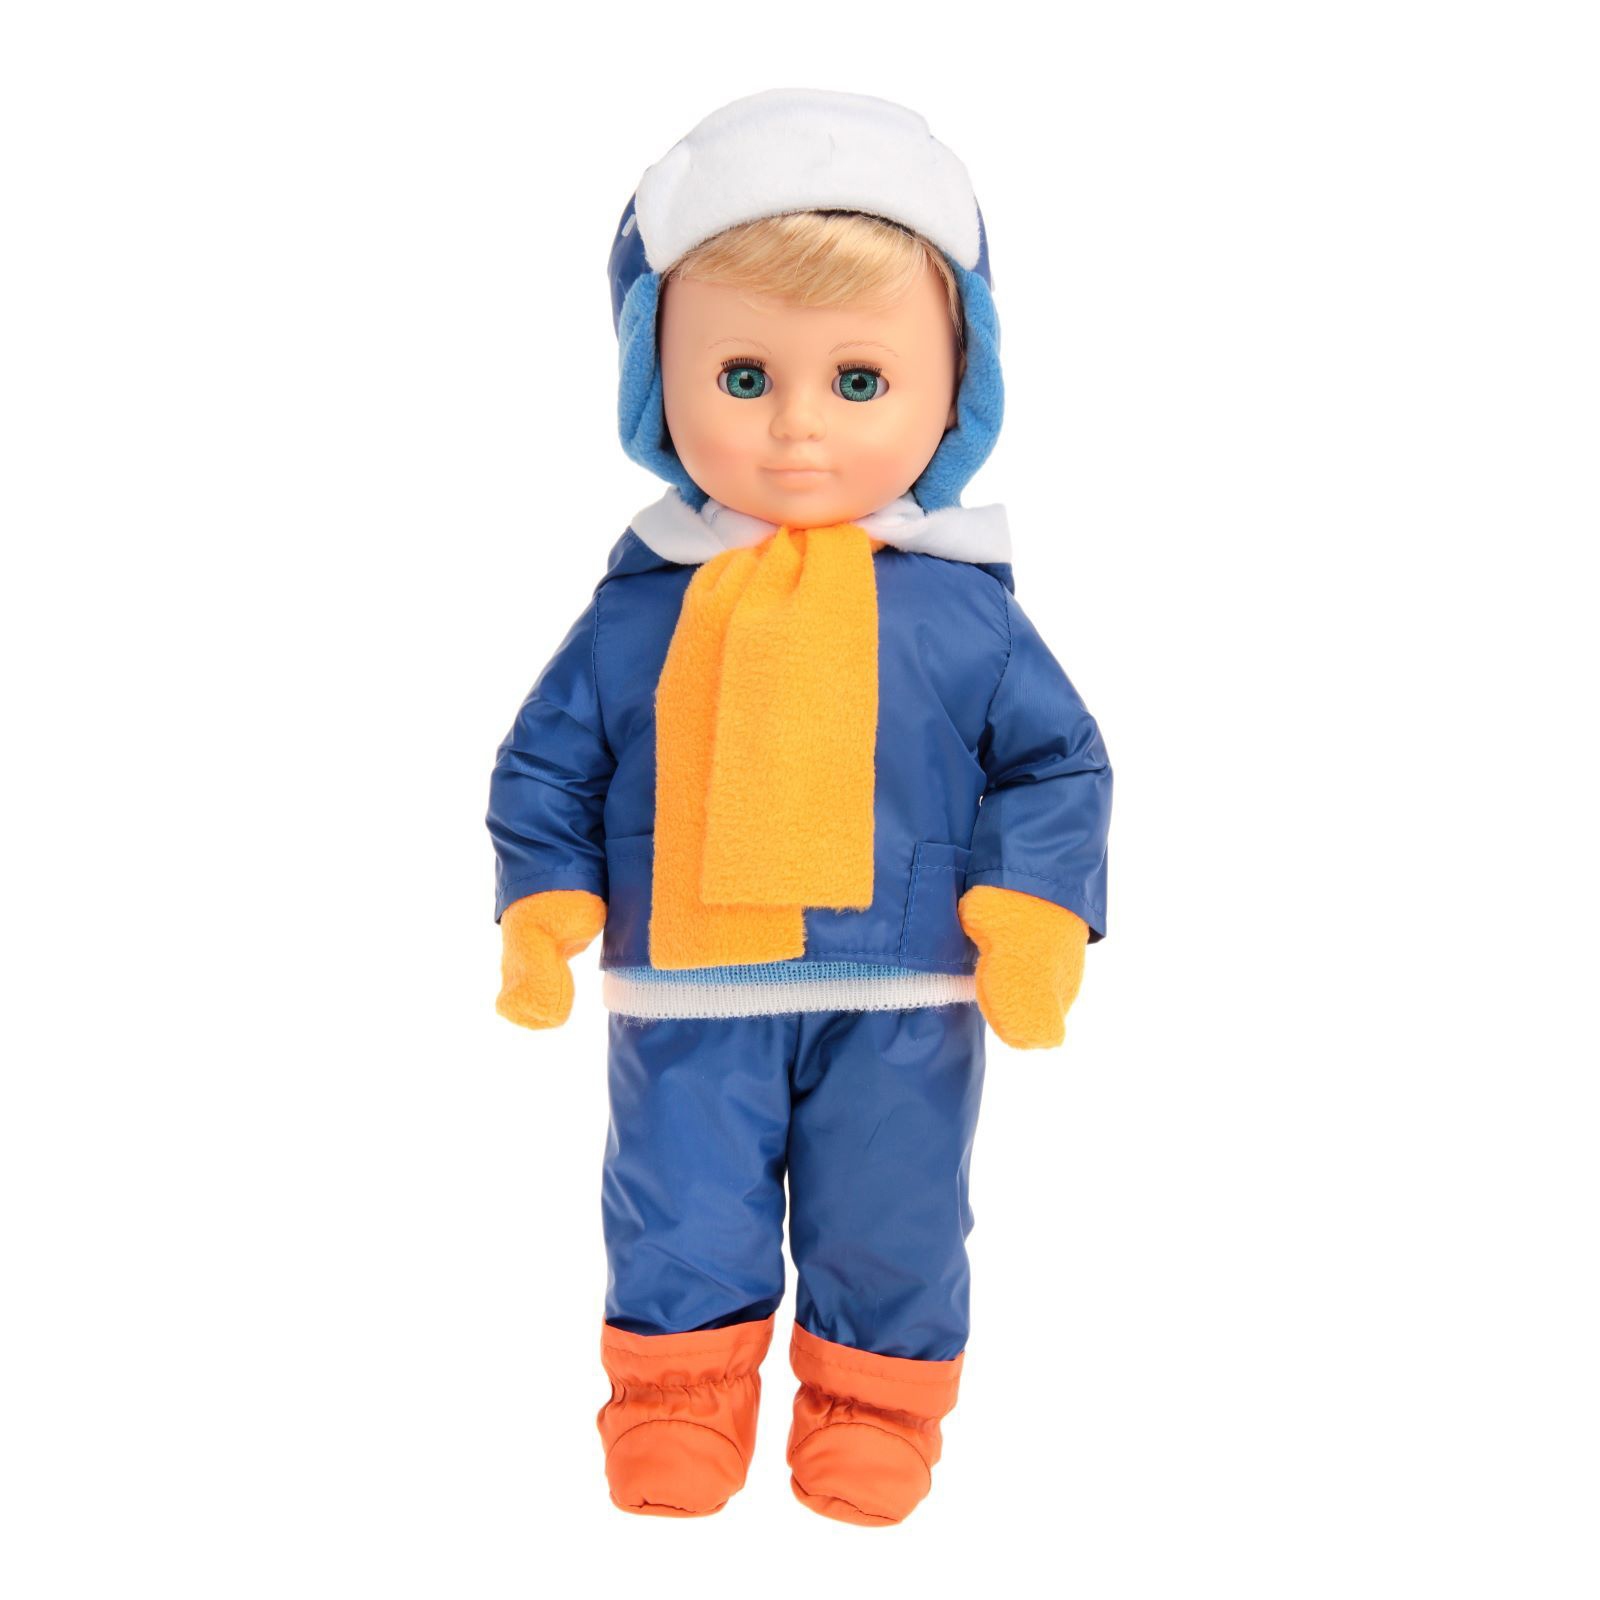 Кукла - Мальчик дидактический с комплектом сезонной одежды, 43 см.Русские куклы фабрики Весна<br>Кукла - Мальчик дидактический с комплектом сезонной одежды, 43 см.<br>